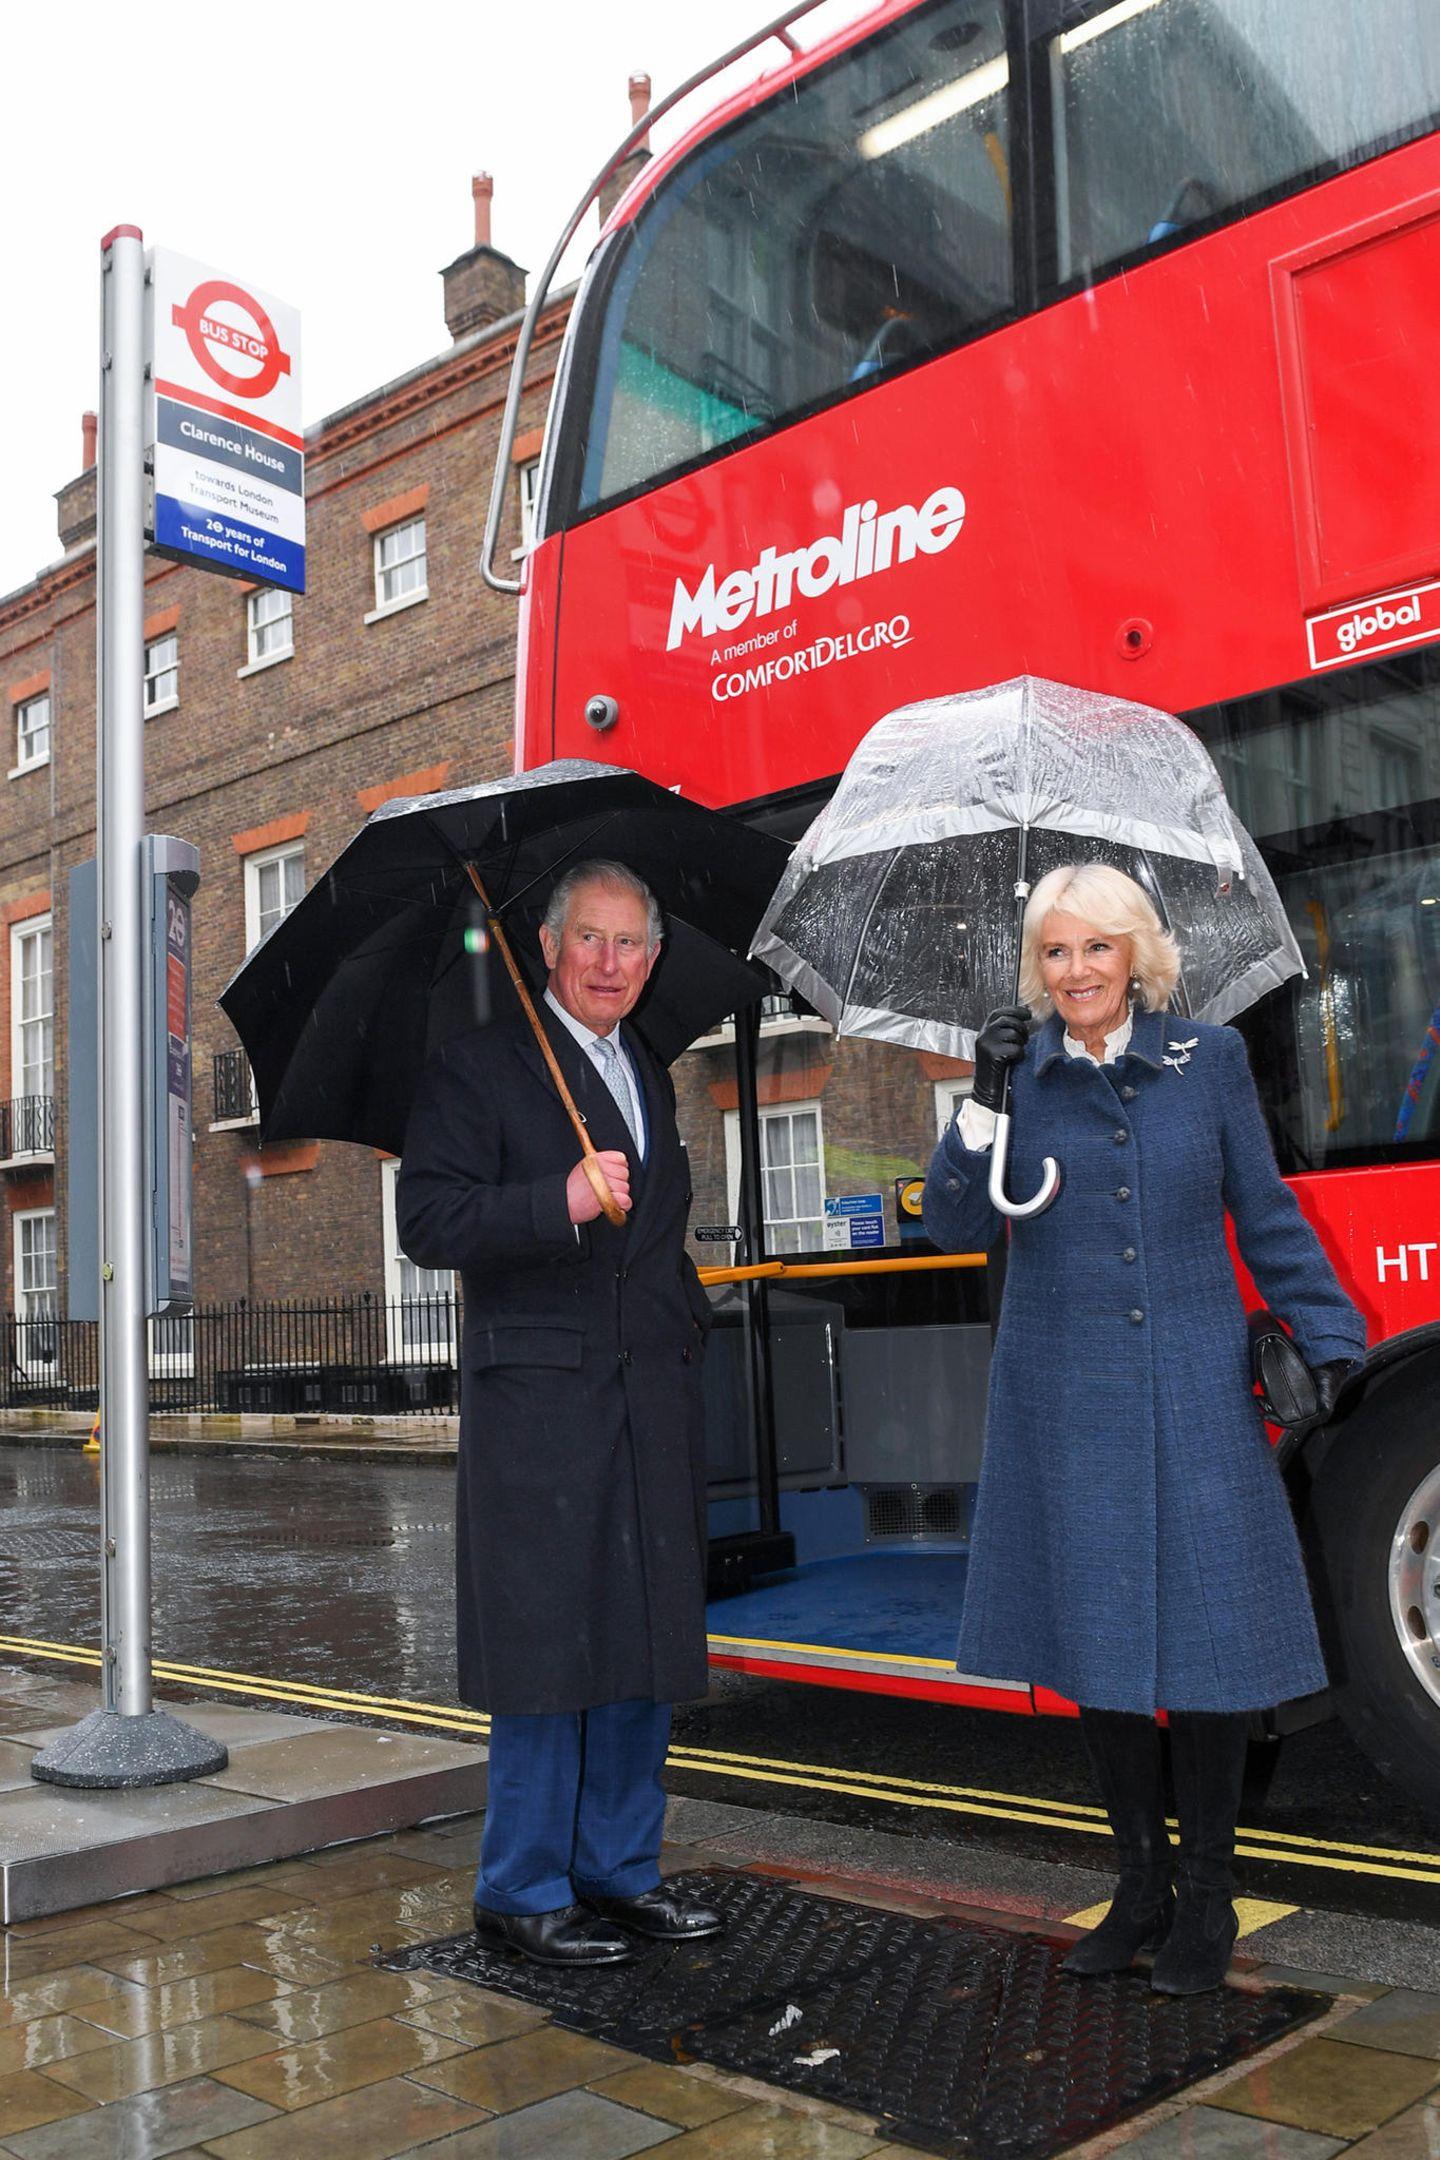 4. März 2020  London lässt Prinz Charles und Herzogin Camilla buchstäblich im Regen stehen. Das schlechte Wetter hält die beiden Royals aber nicht davon ab, das London Transport Museum zu besuchen, und dort fahren sie selbstverständlich mit einem roten Doppeldeckerbus hin.